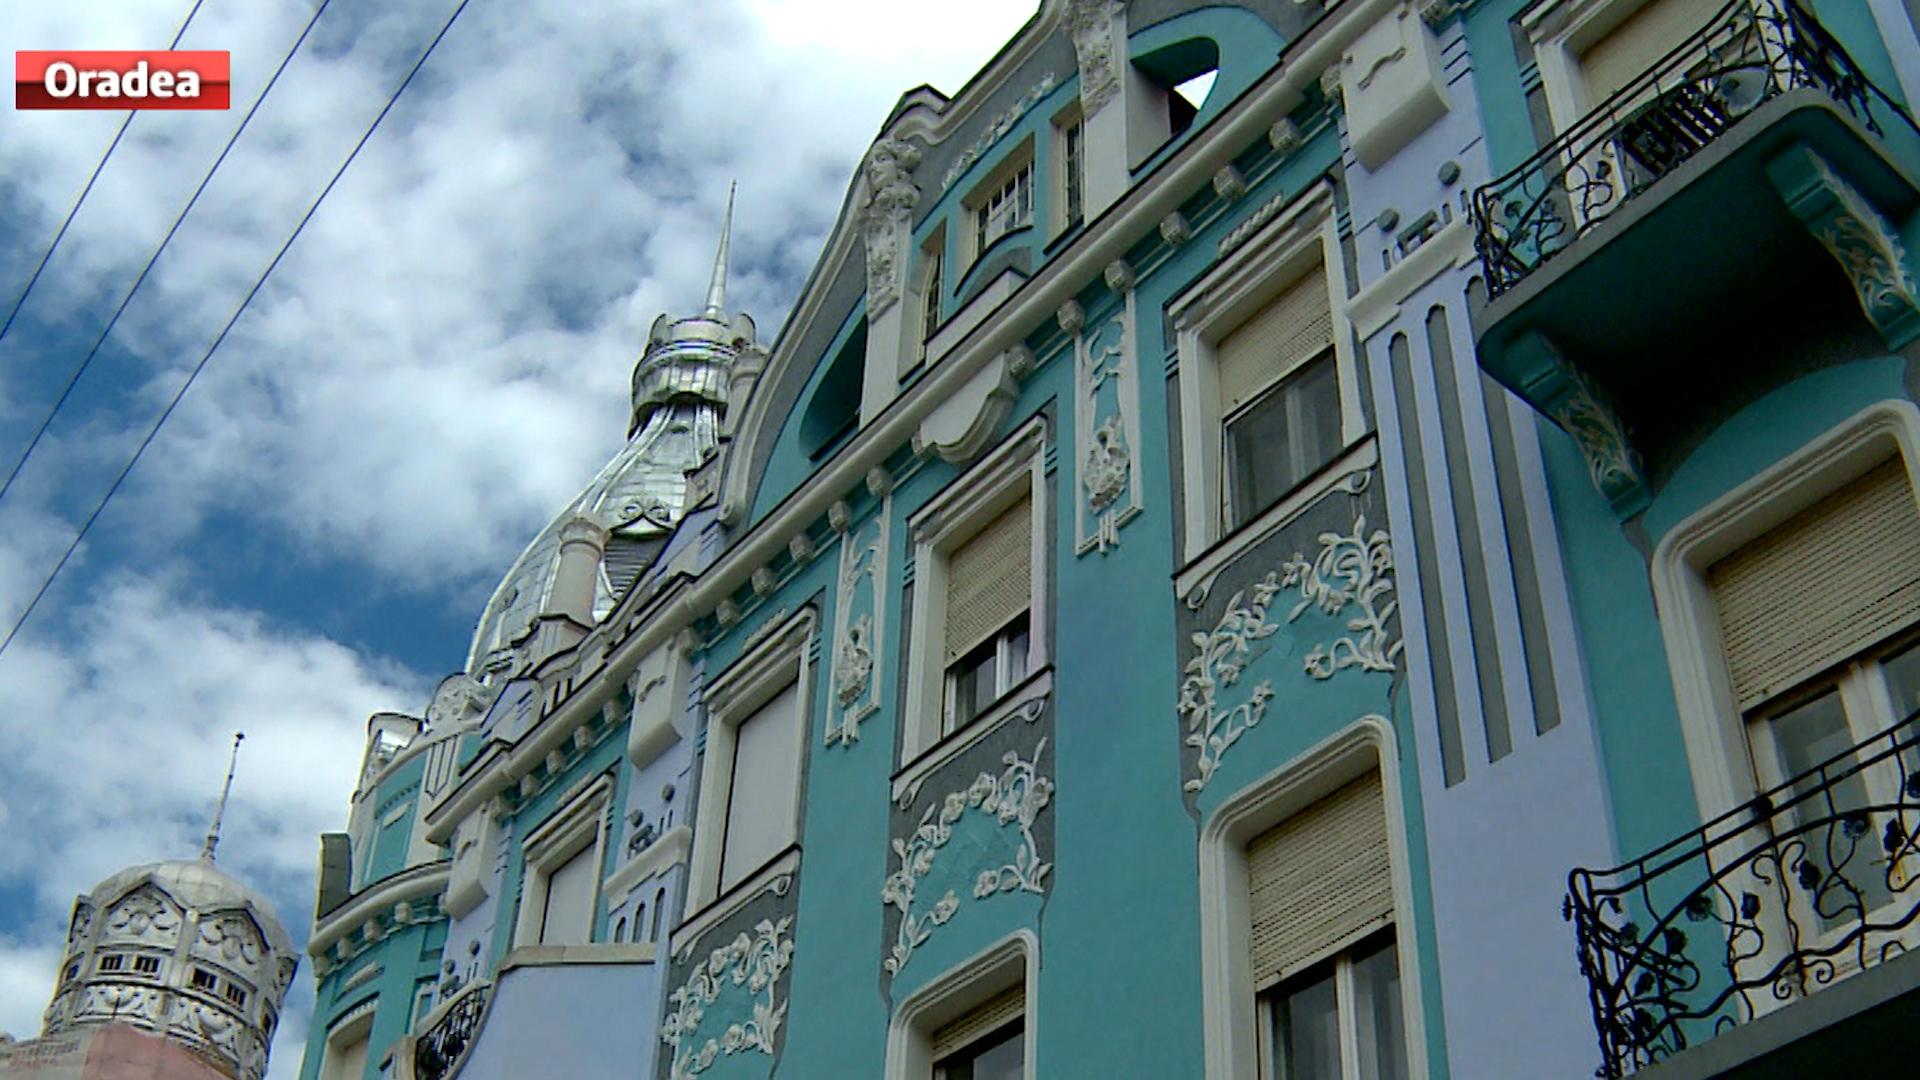 Palatul Moskovits, o bijuterie arhitecturala in Oradea